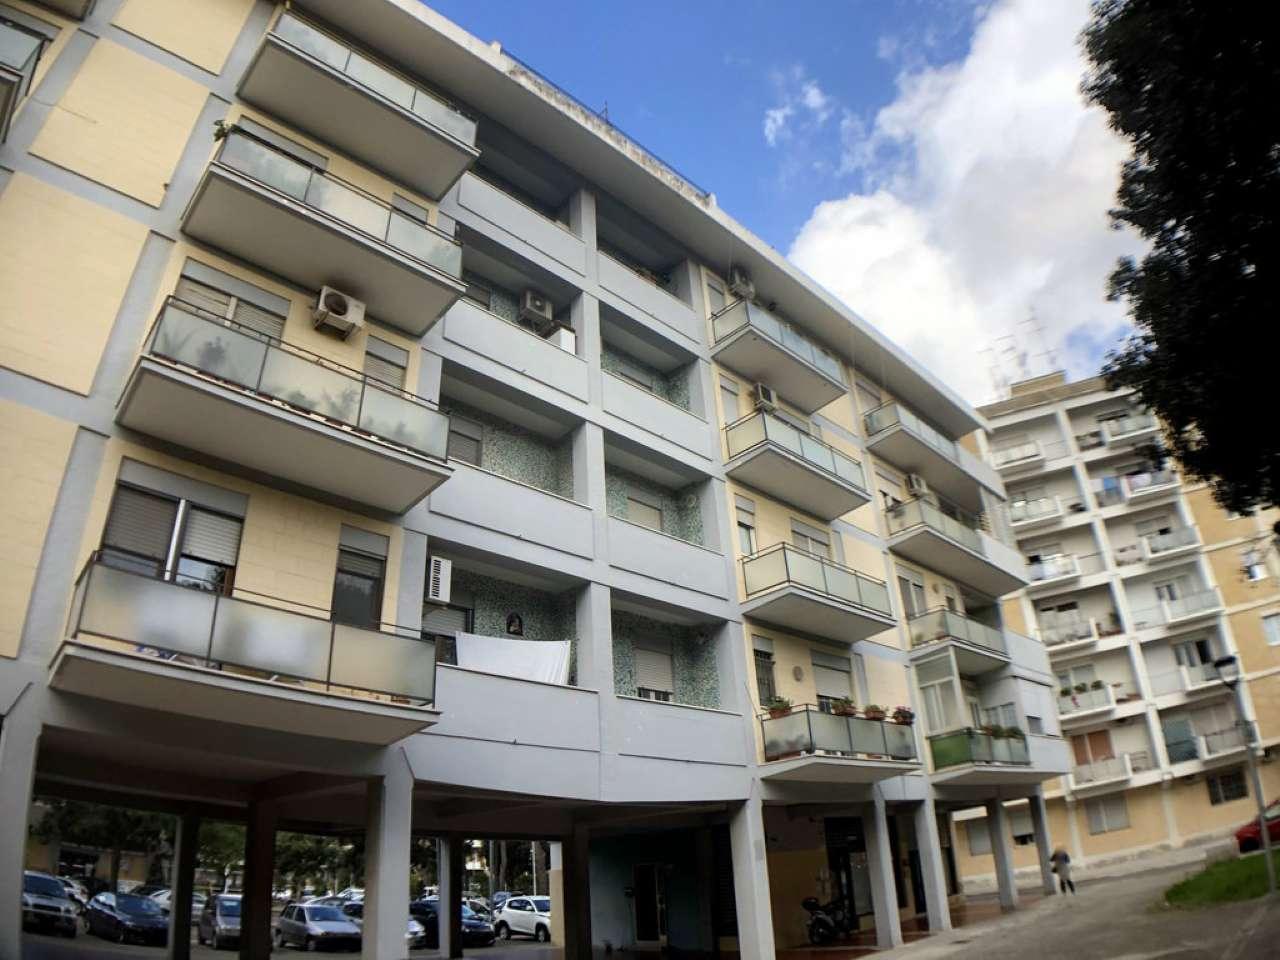 Appartamento di 3 vani e accessori a Santa Rosa in condominio con ascensore in vendita a Lecce